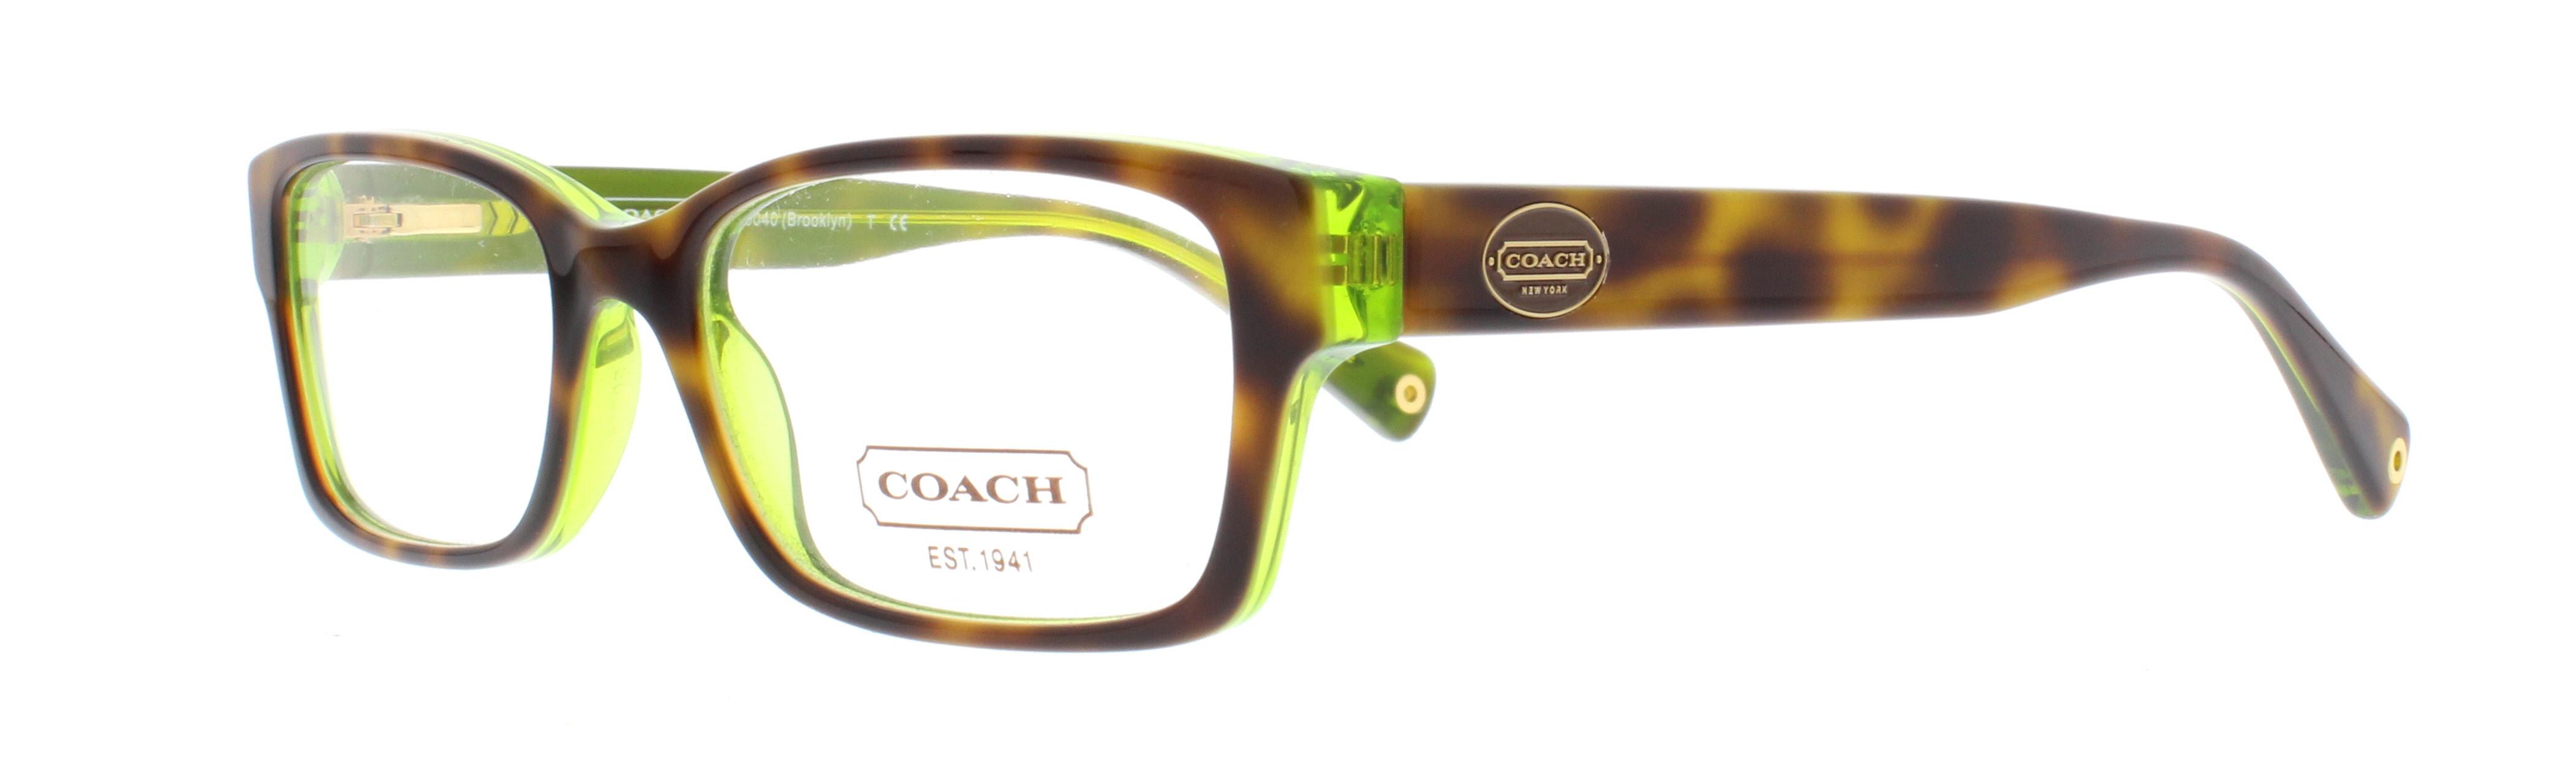 3abb937d23 Designer Frames Outlet. Coach HC6040 Brooklyn